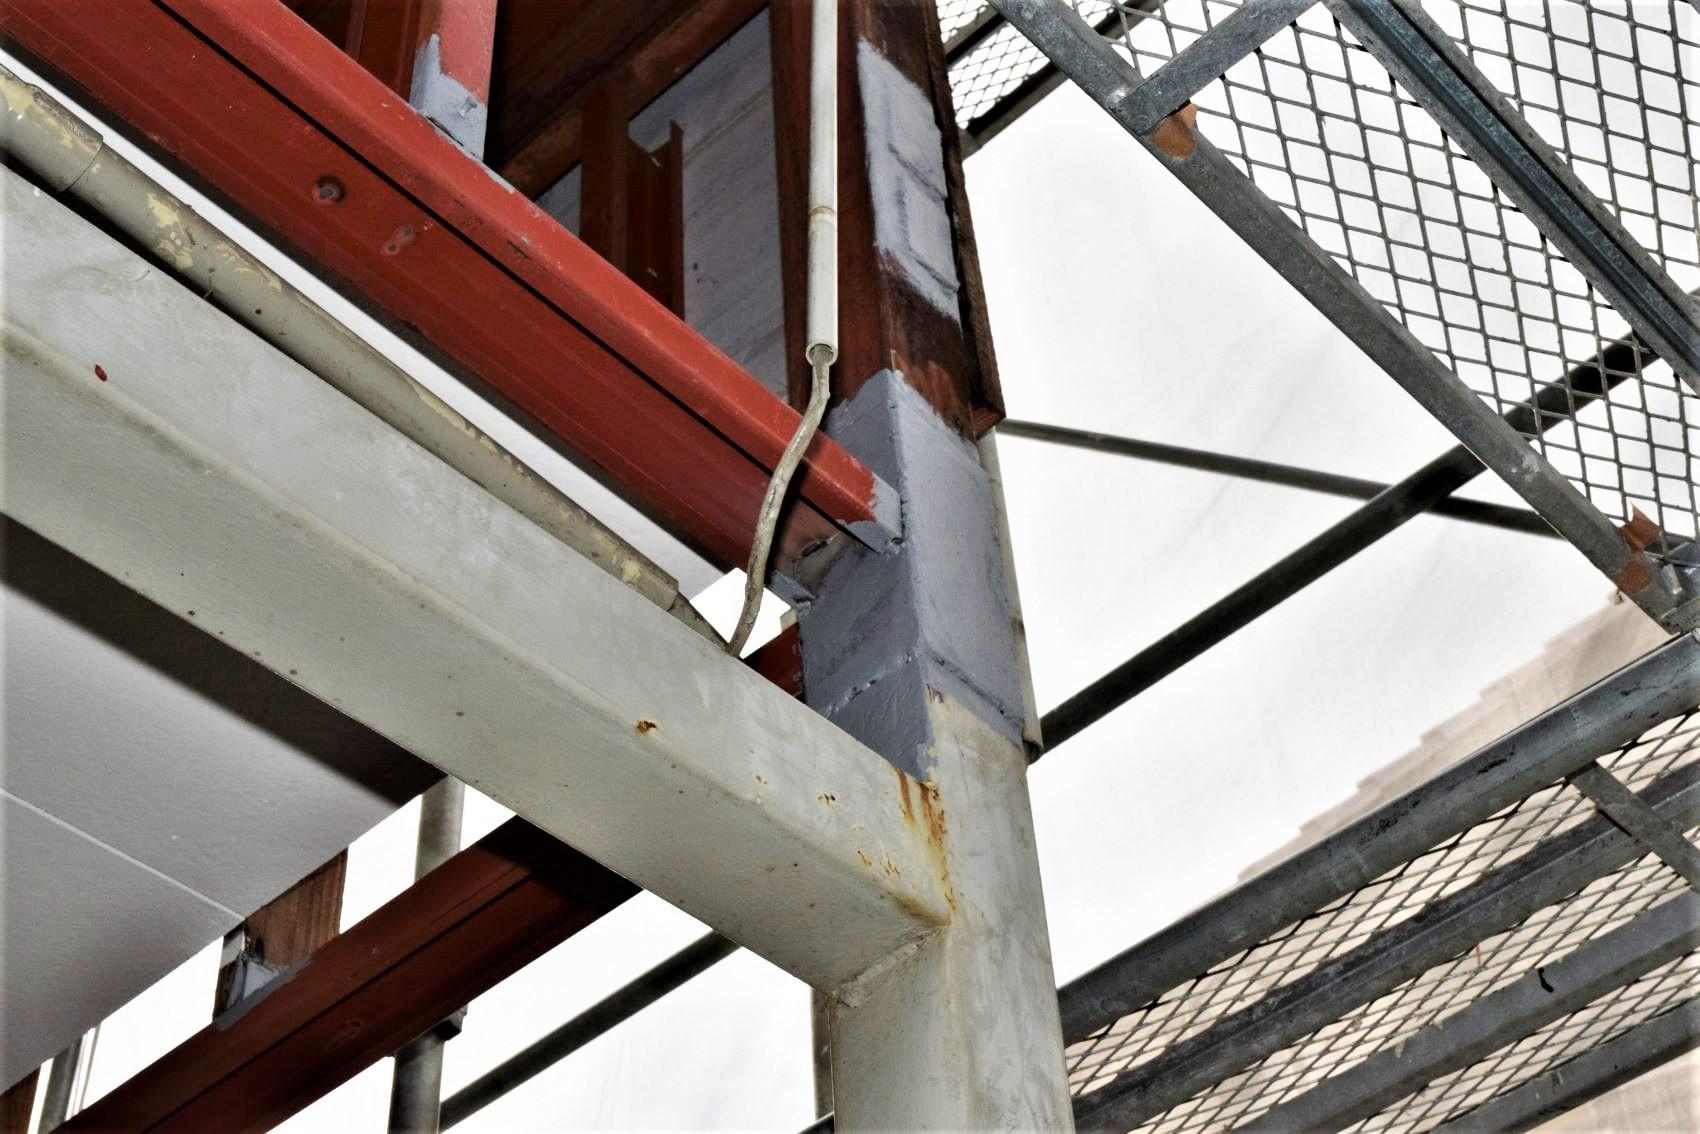 29 補強板を溶接したら防錆し、C形鉄枠も下向きに取付け